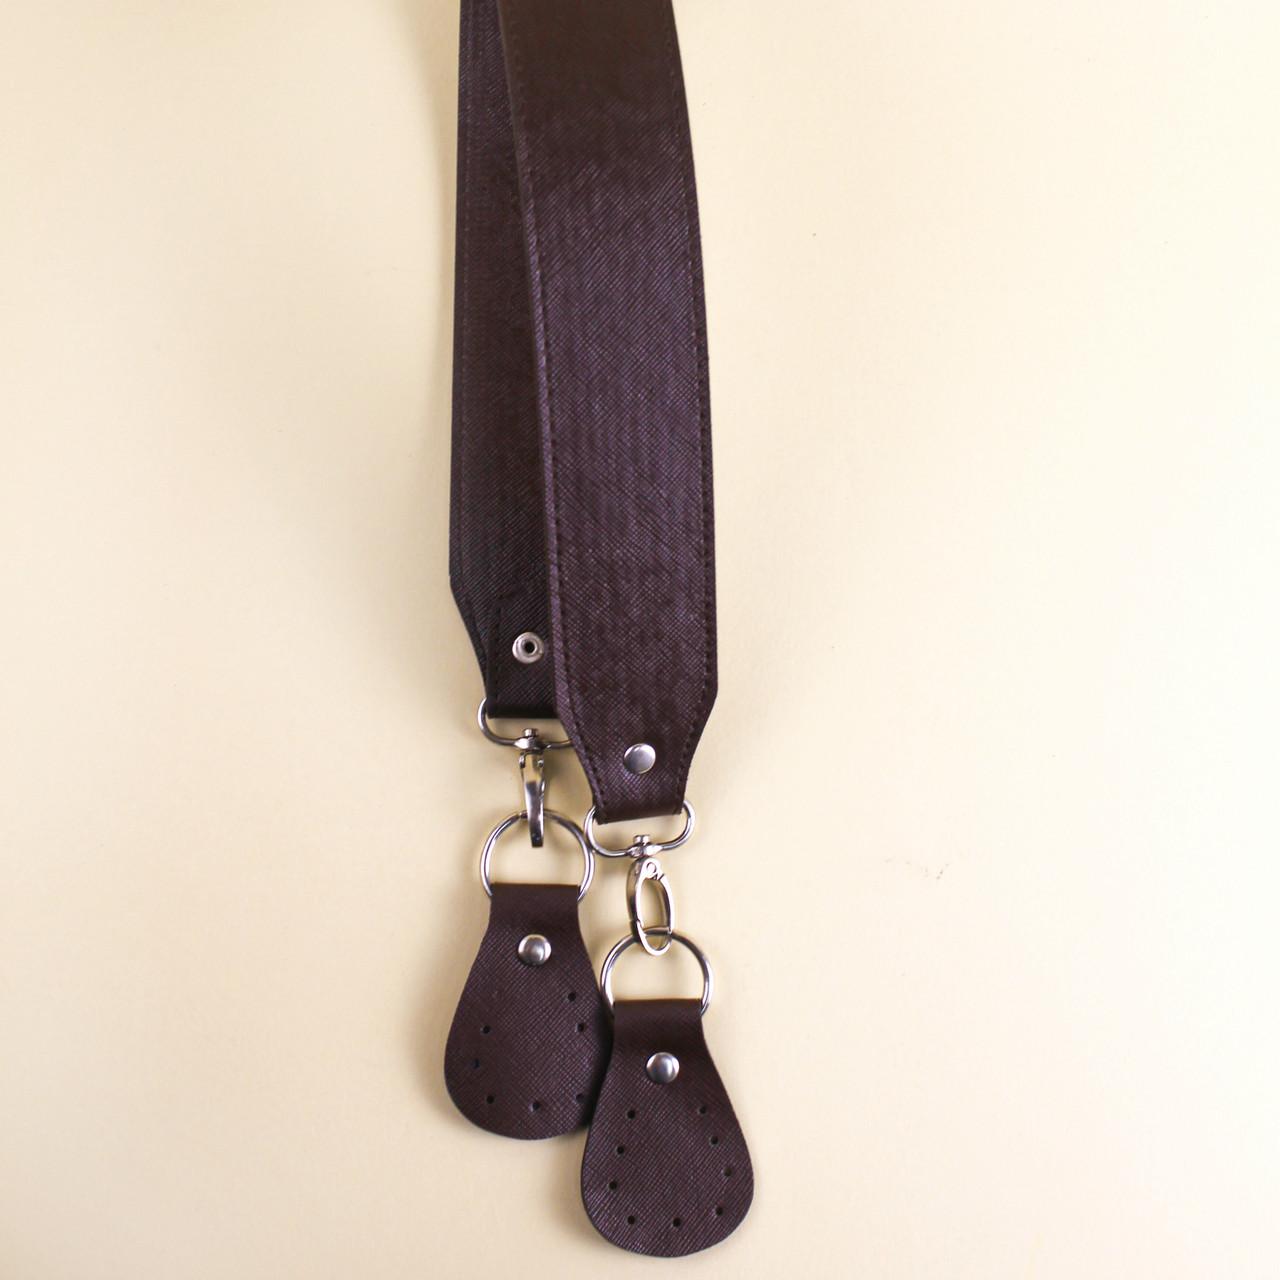 Ручка для сумки экокожа Шоколад, 53 см с пришивными шлевками